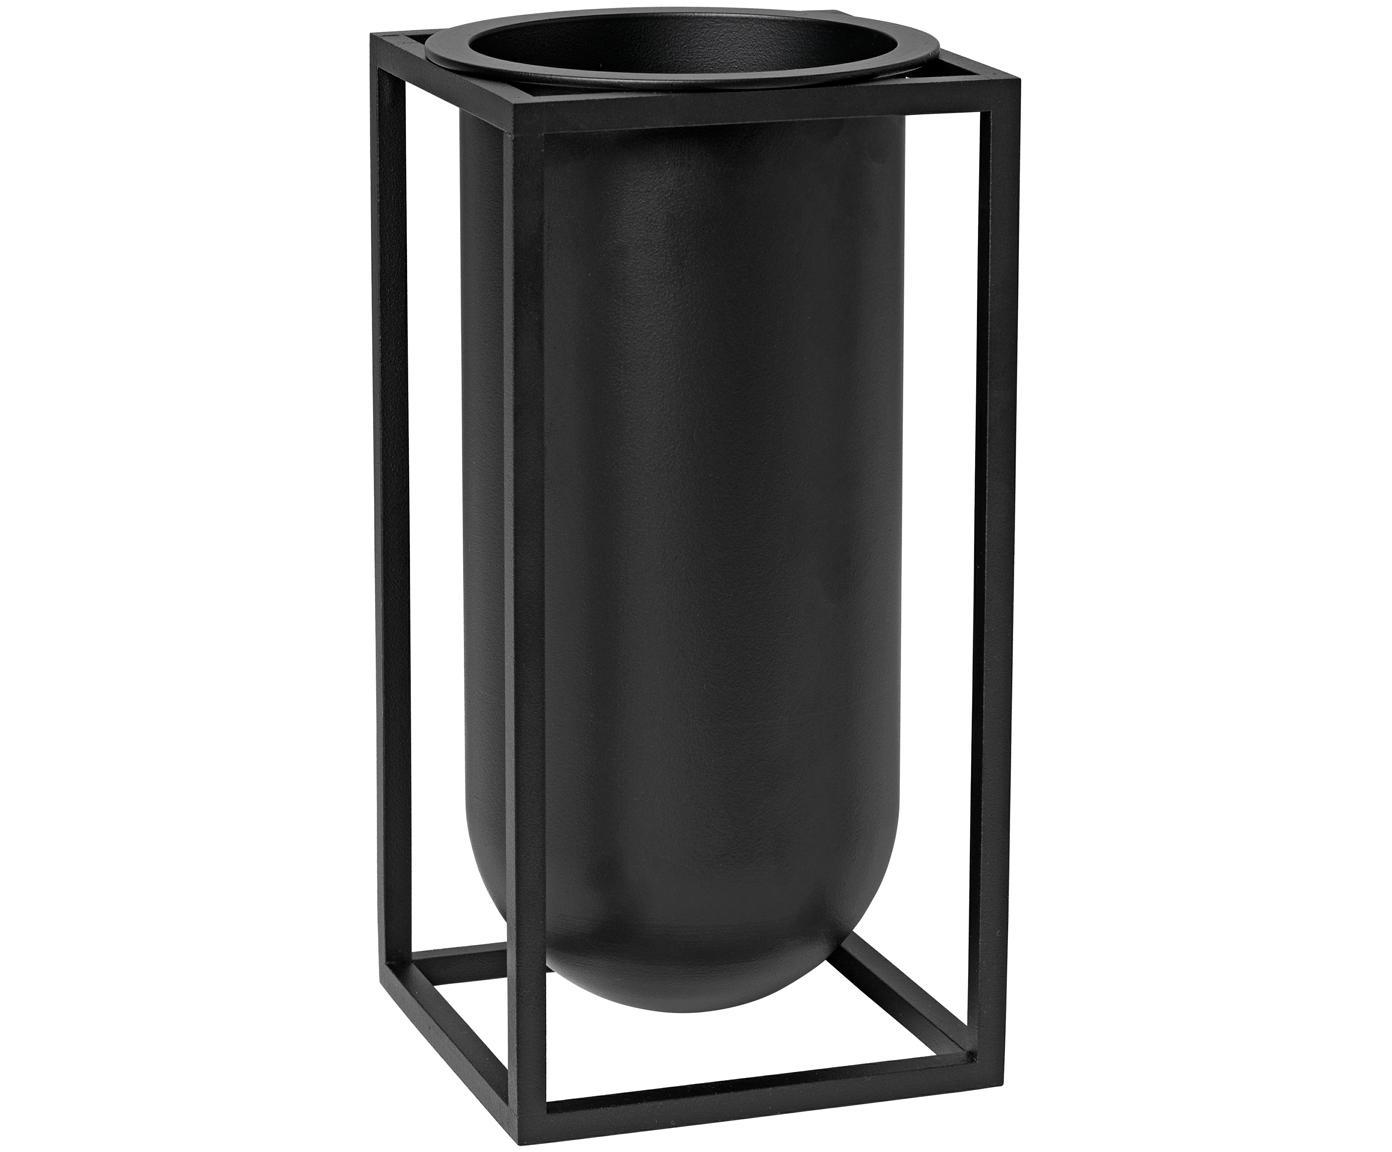 Handgemaakte vaas Kubus van aluminium, Gelakt aluminium, Zwart, 10 x 20 cm